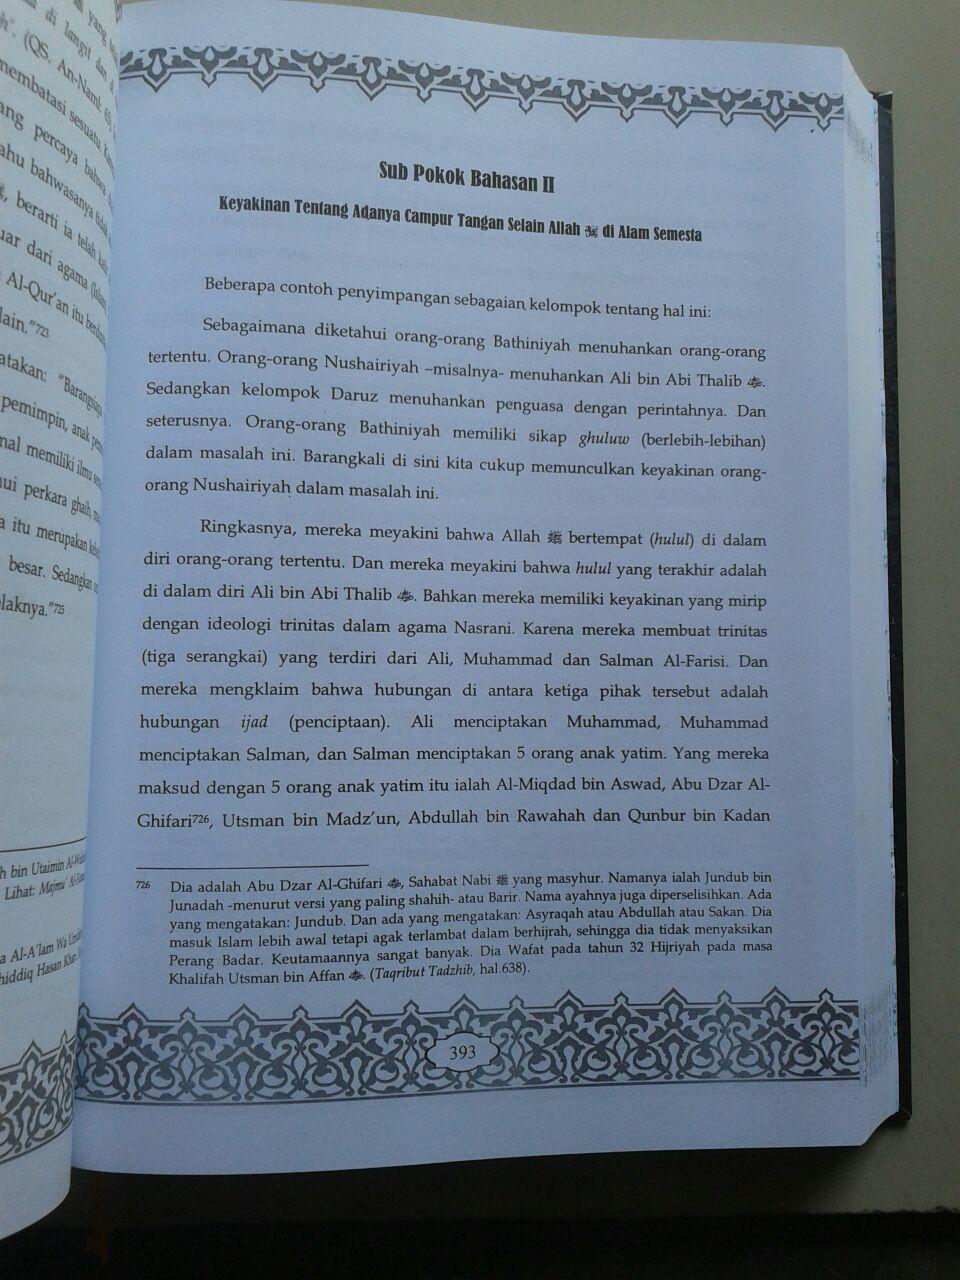 Buku Sunnah Tarkiyah Yang Sunnah Untuk Ditinggalkan isi 2